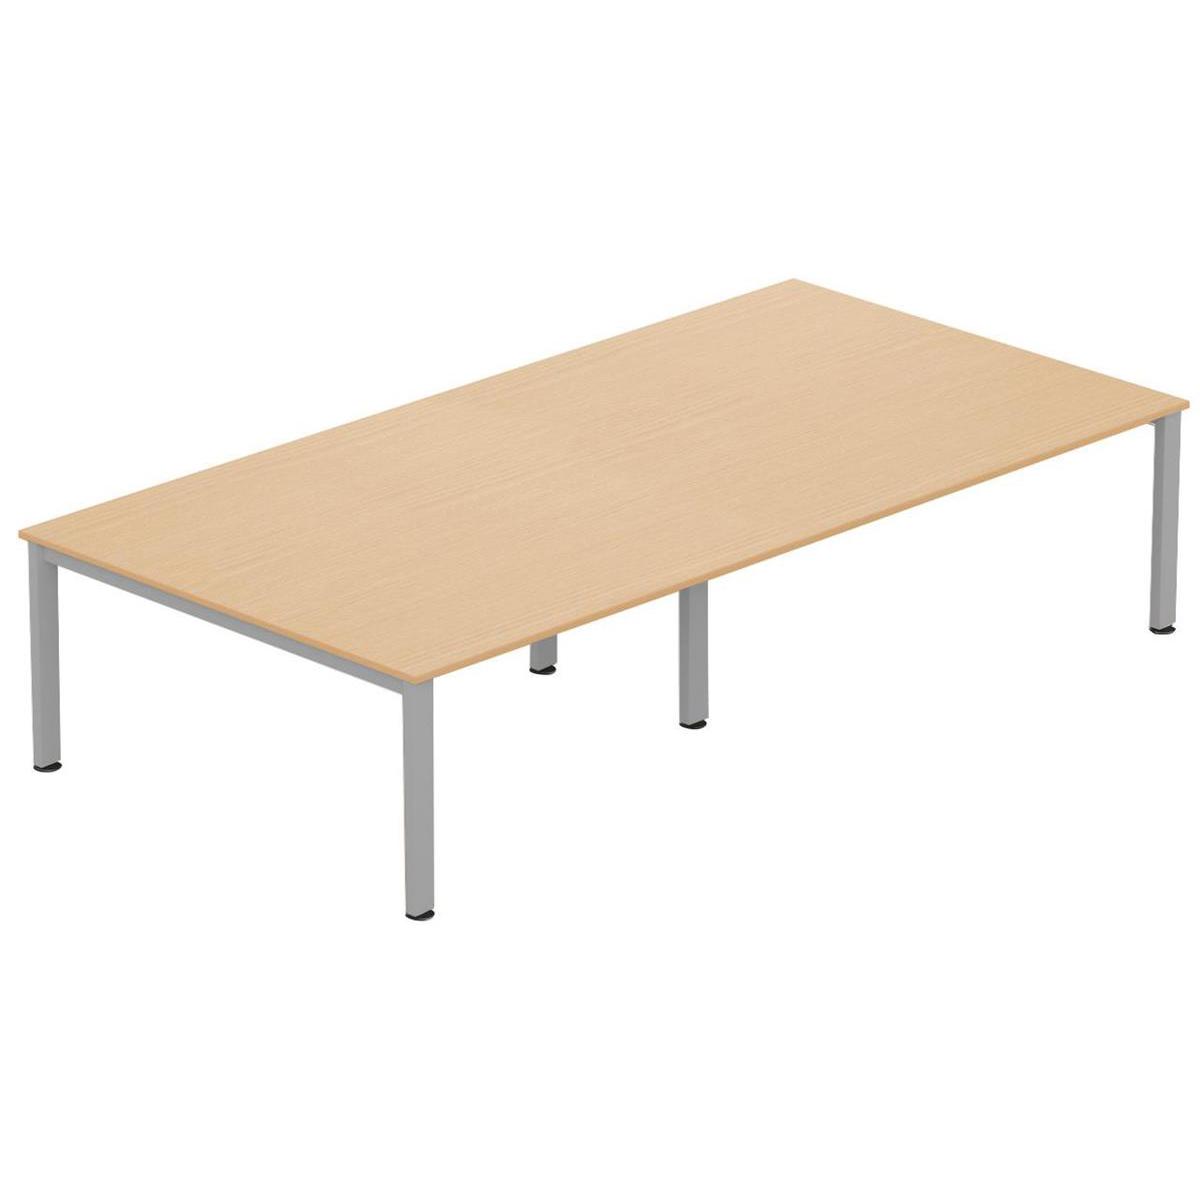 Sonix Meeting Table Silver Legs 3200x1600mm Maple Ref fb3216mtm